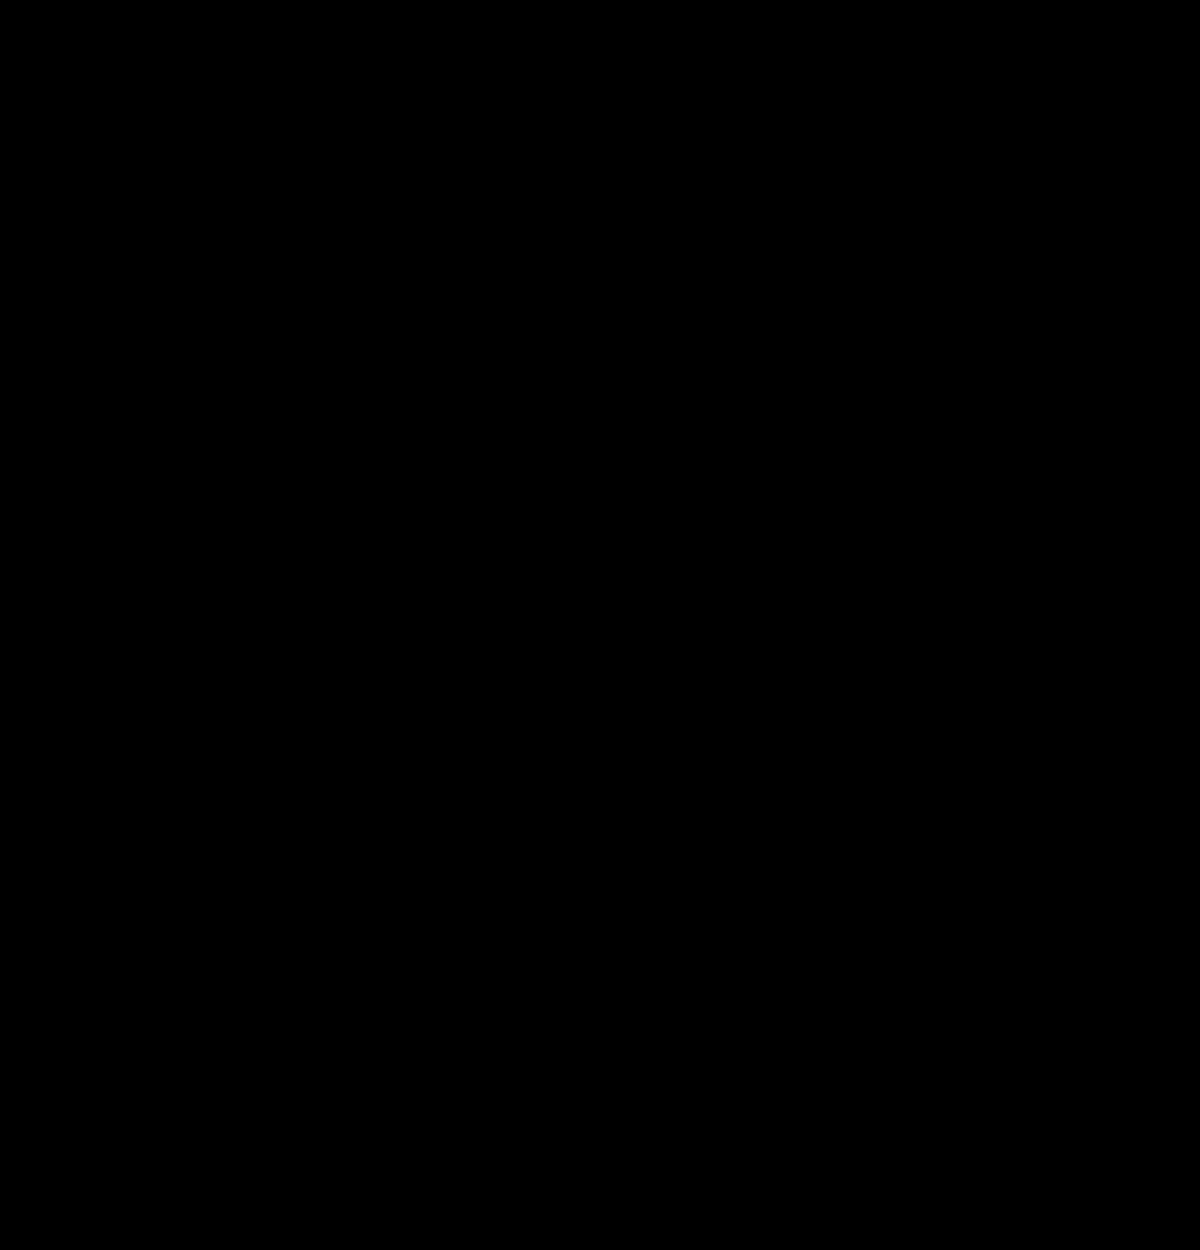 Pentagonal-spiral-layer7